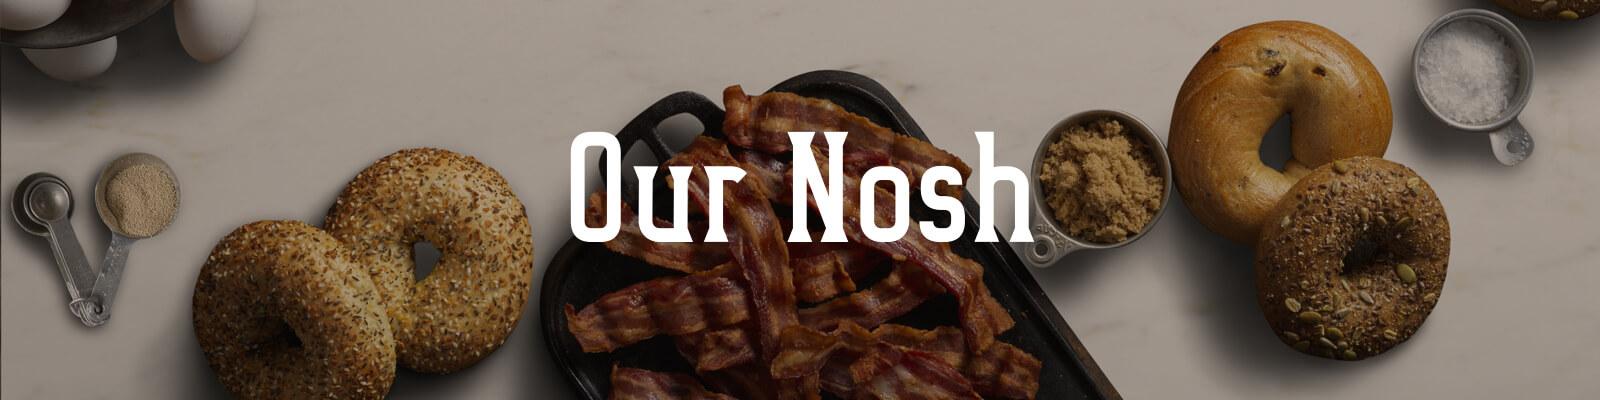 Our Nosh header